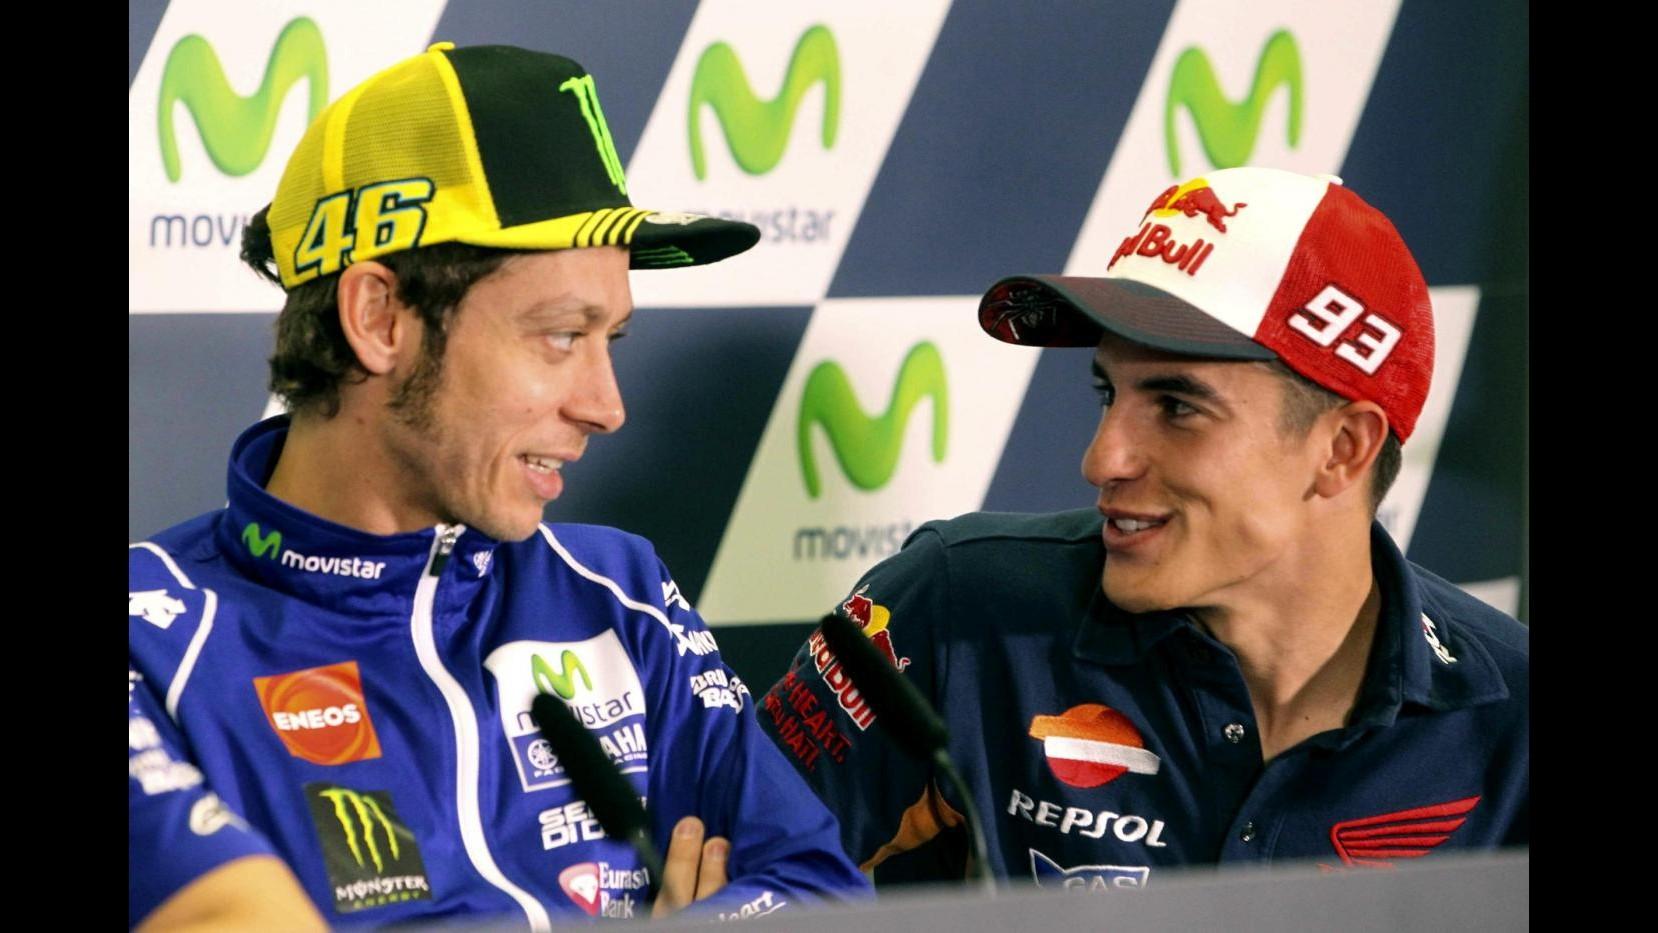 MotoGp, pole per Marquez davanti a Lorenzo. Rossi 6°